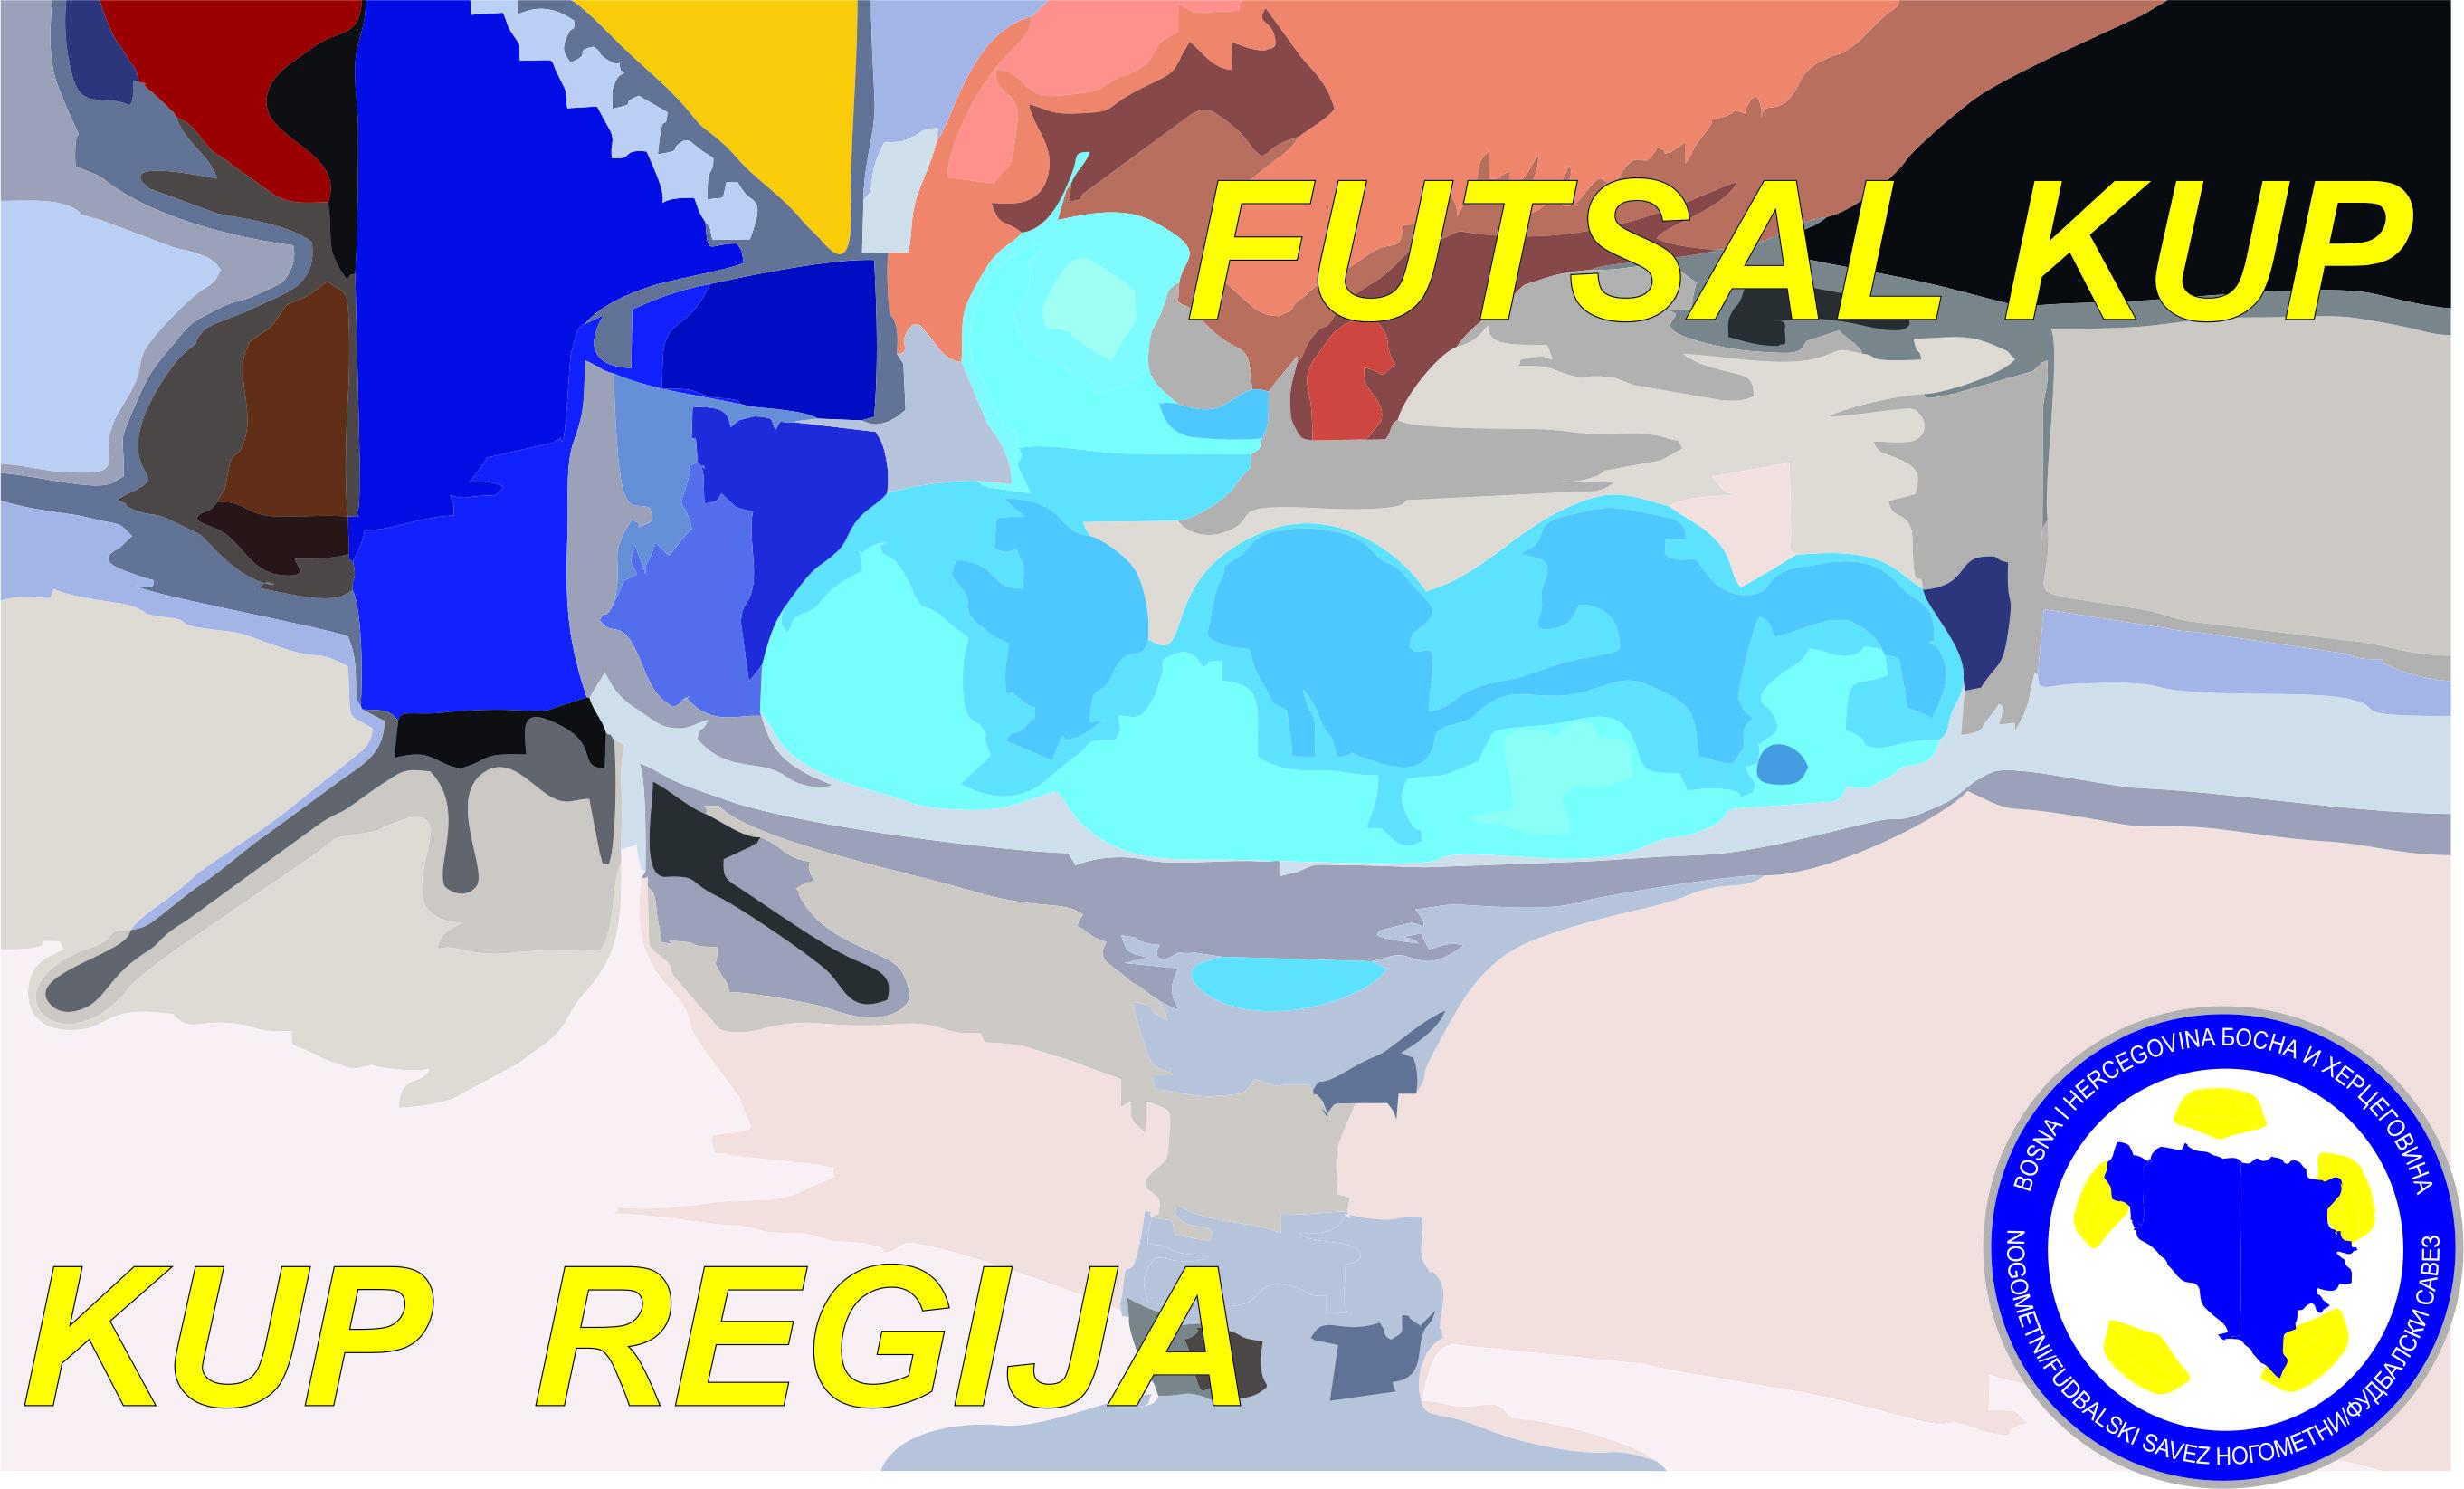 futsal kup